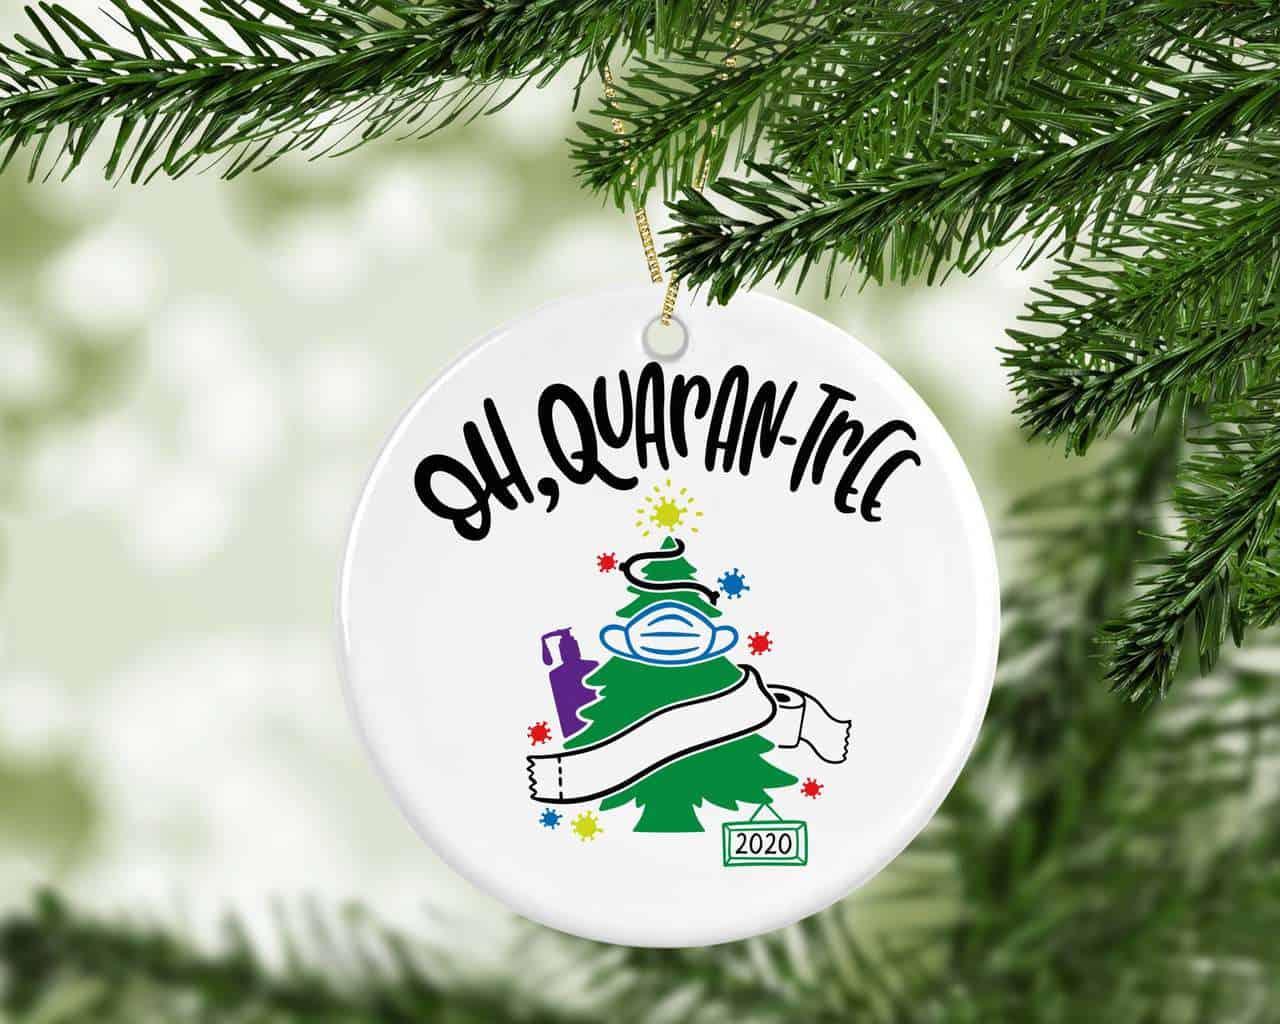 Christmas Ornament Quarantee Ornament 2020 Christmas Quarantine Memories Covid Ornament Covid Ornament 2020 ornament